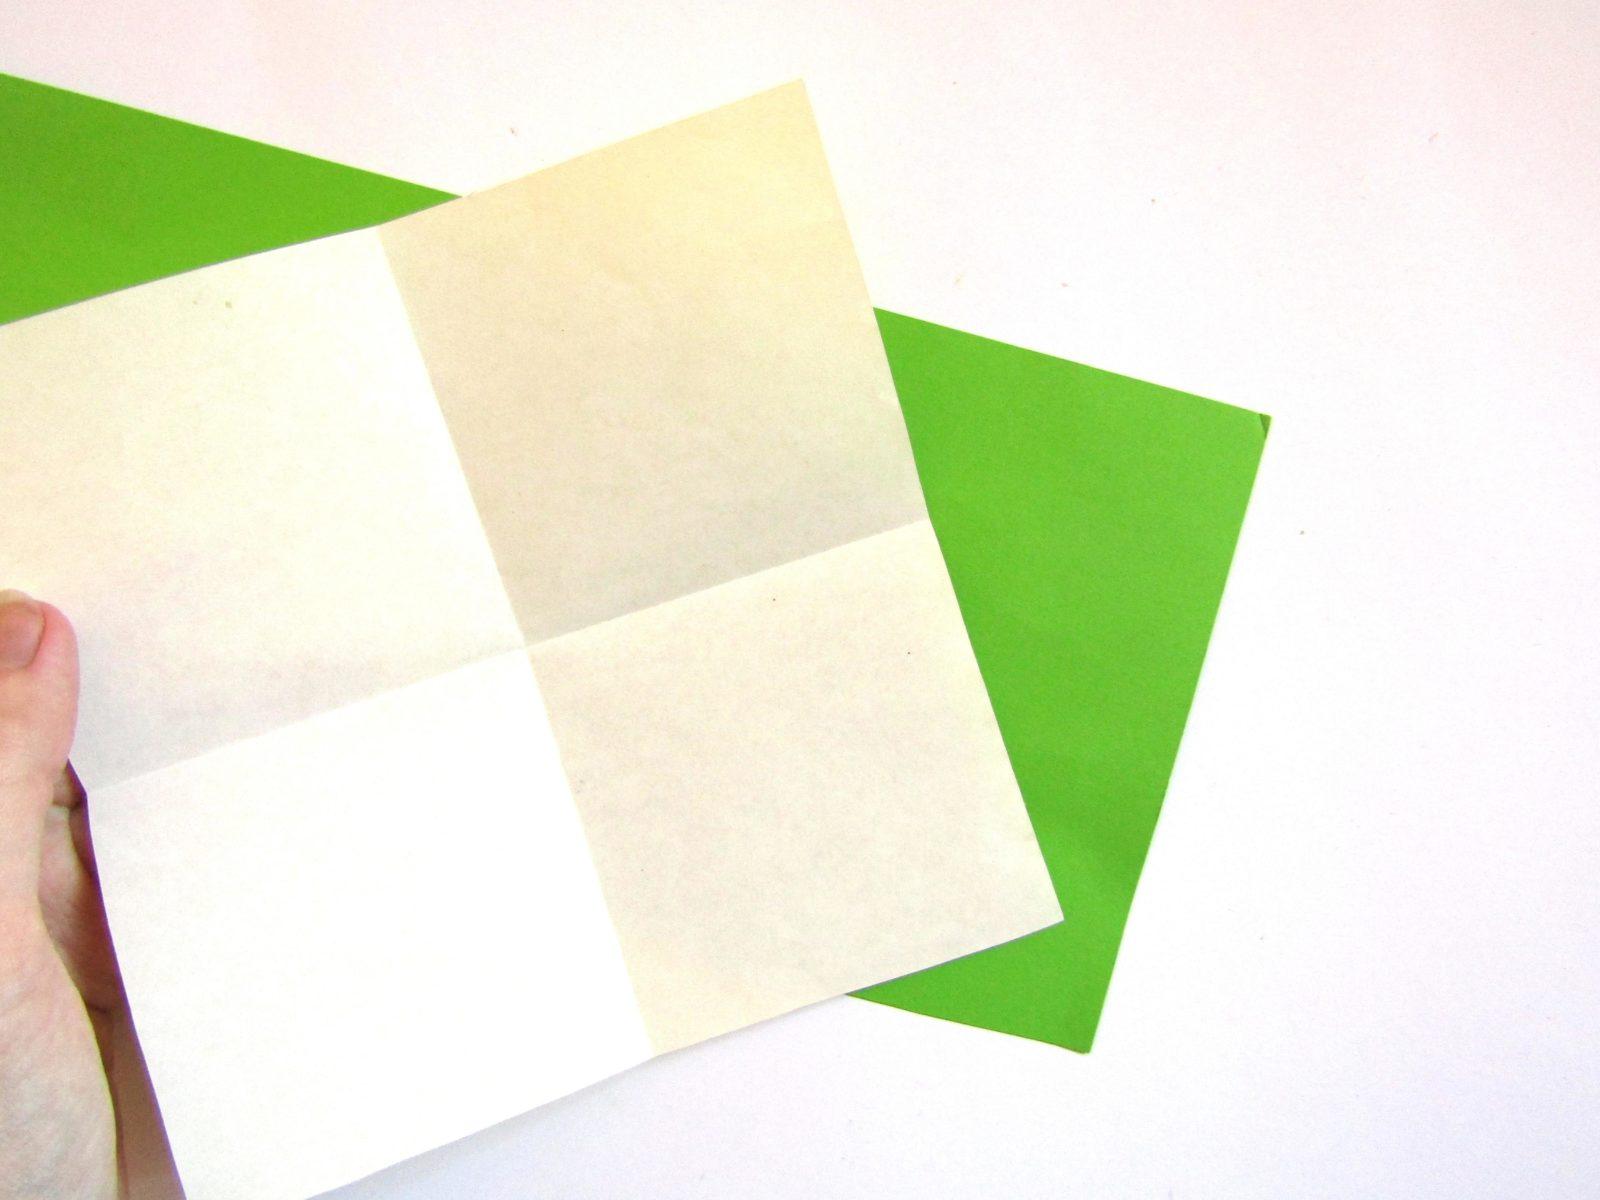 Оригами сердце с крыльями из бумаги - 2